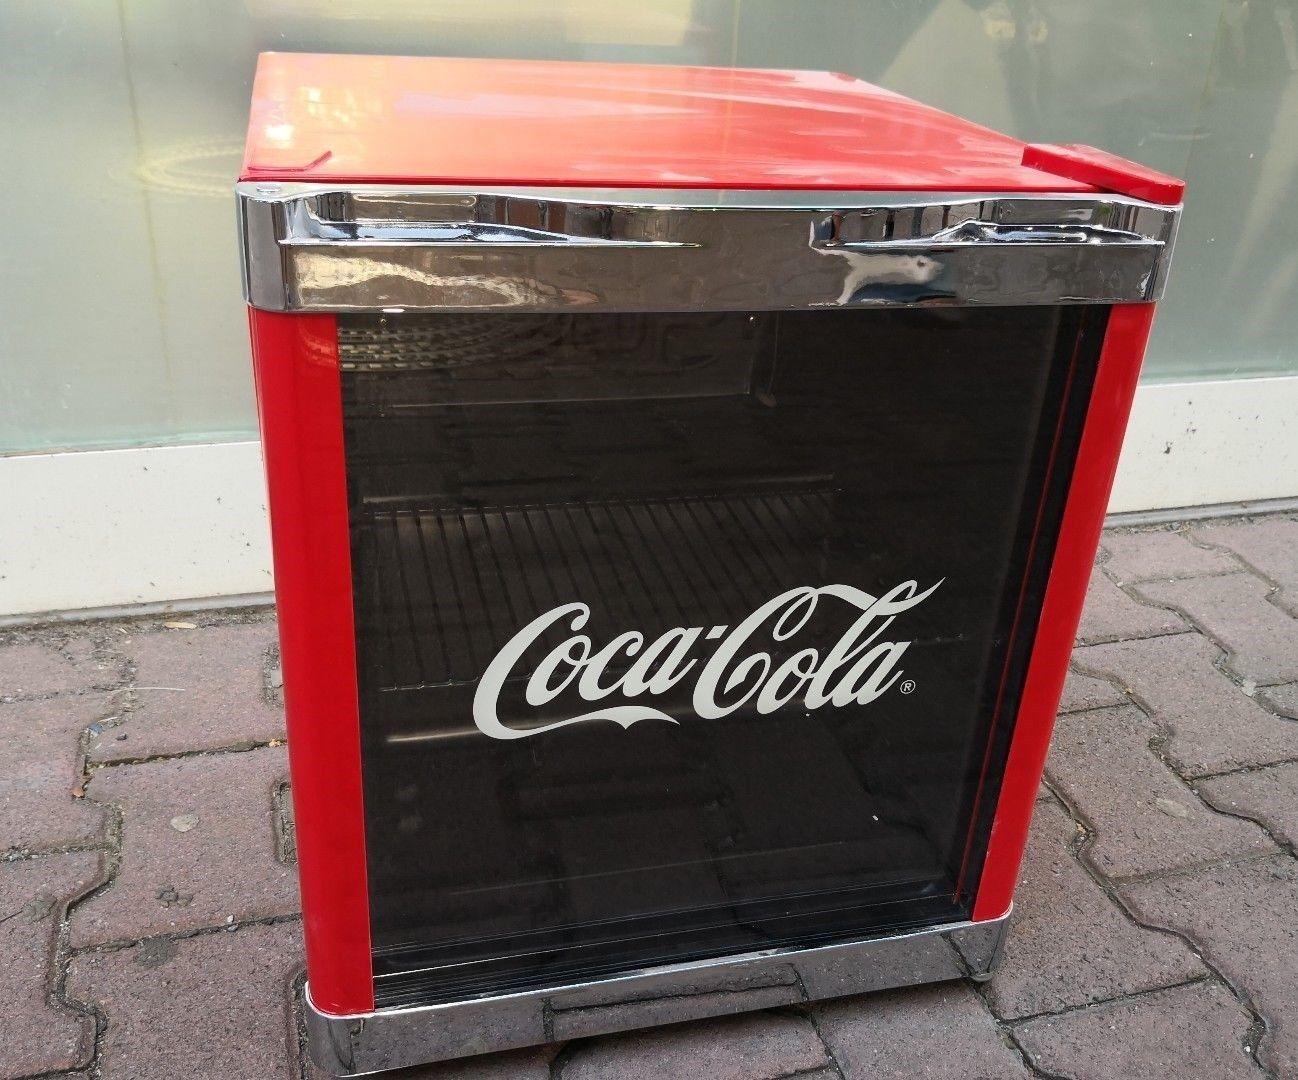 Coca Cola Mini Kühlschrank Saturn : Mini kühlschrank coca cola saturn: saturn] coca cola mini